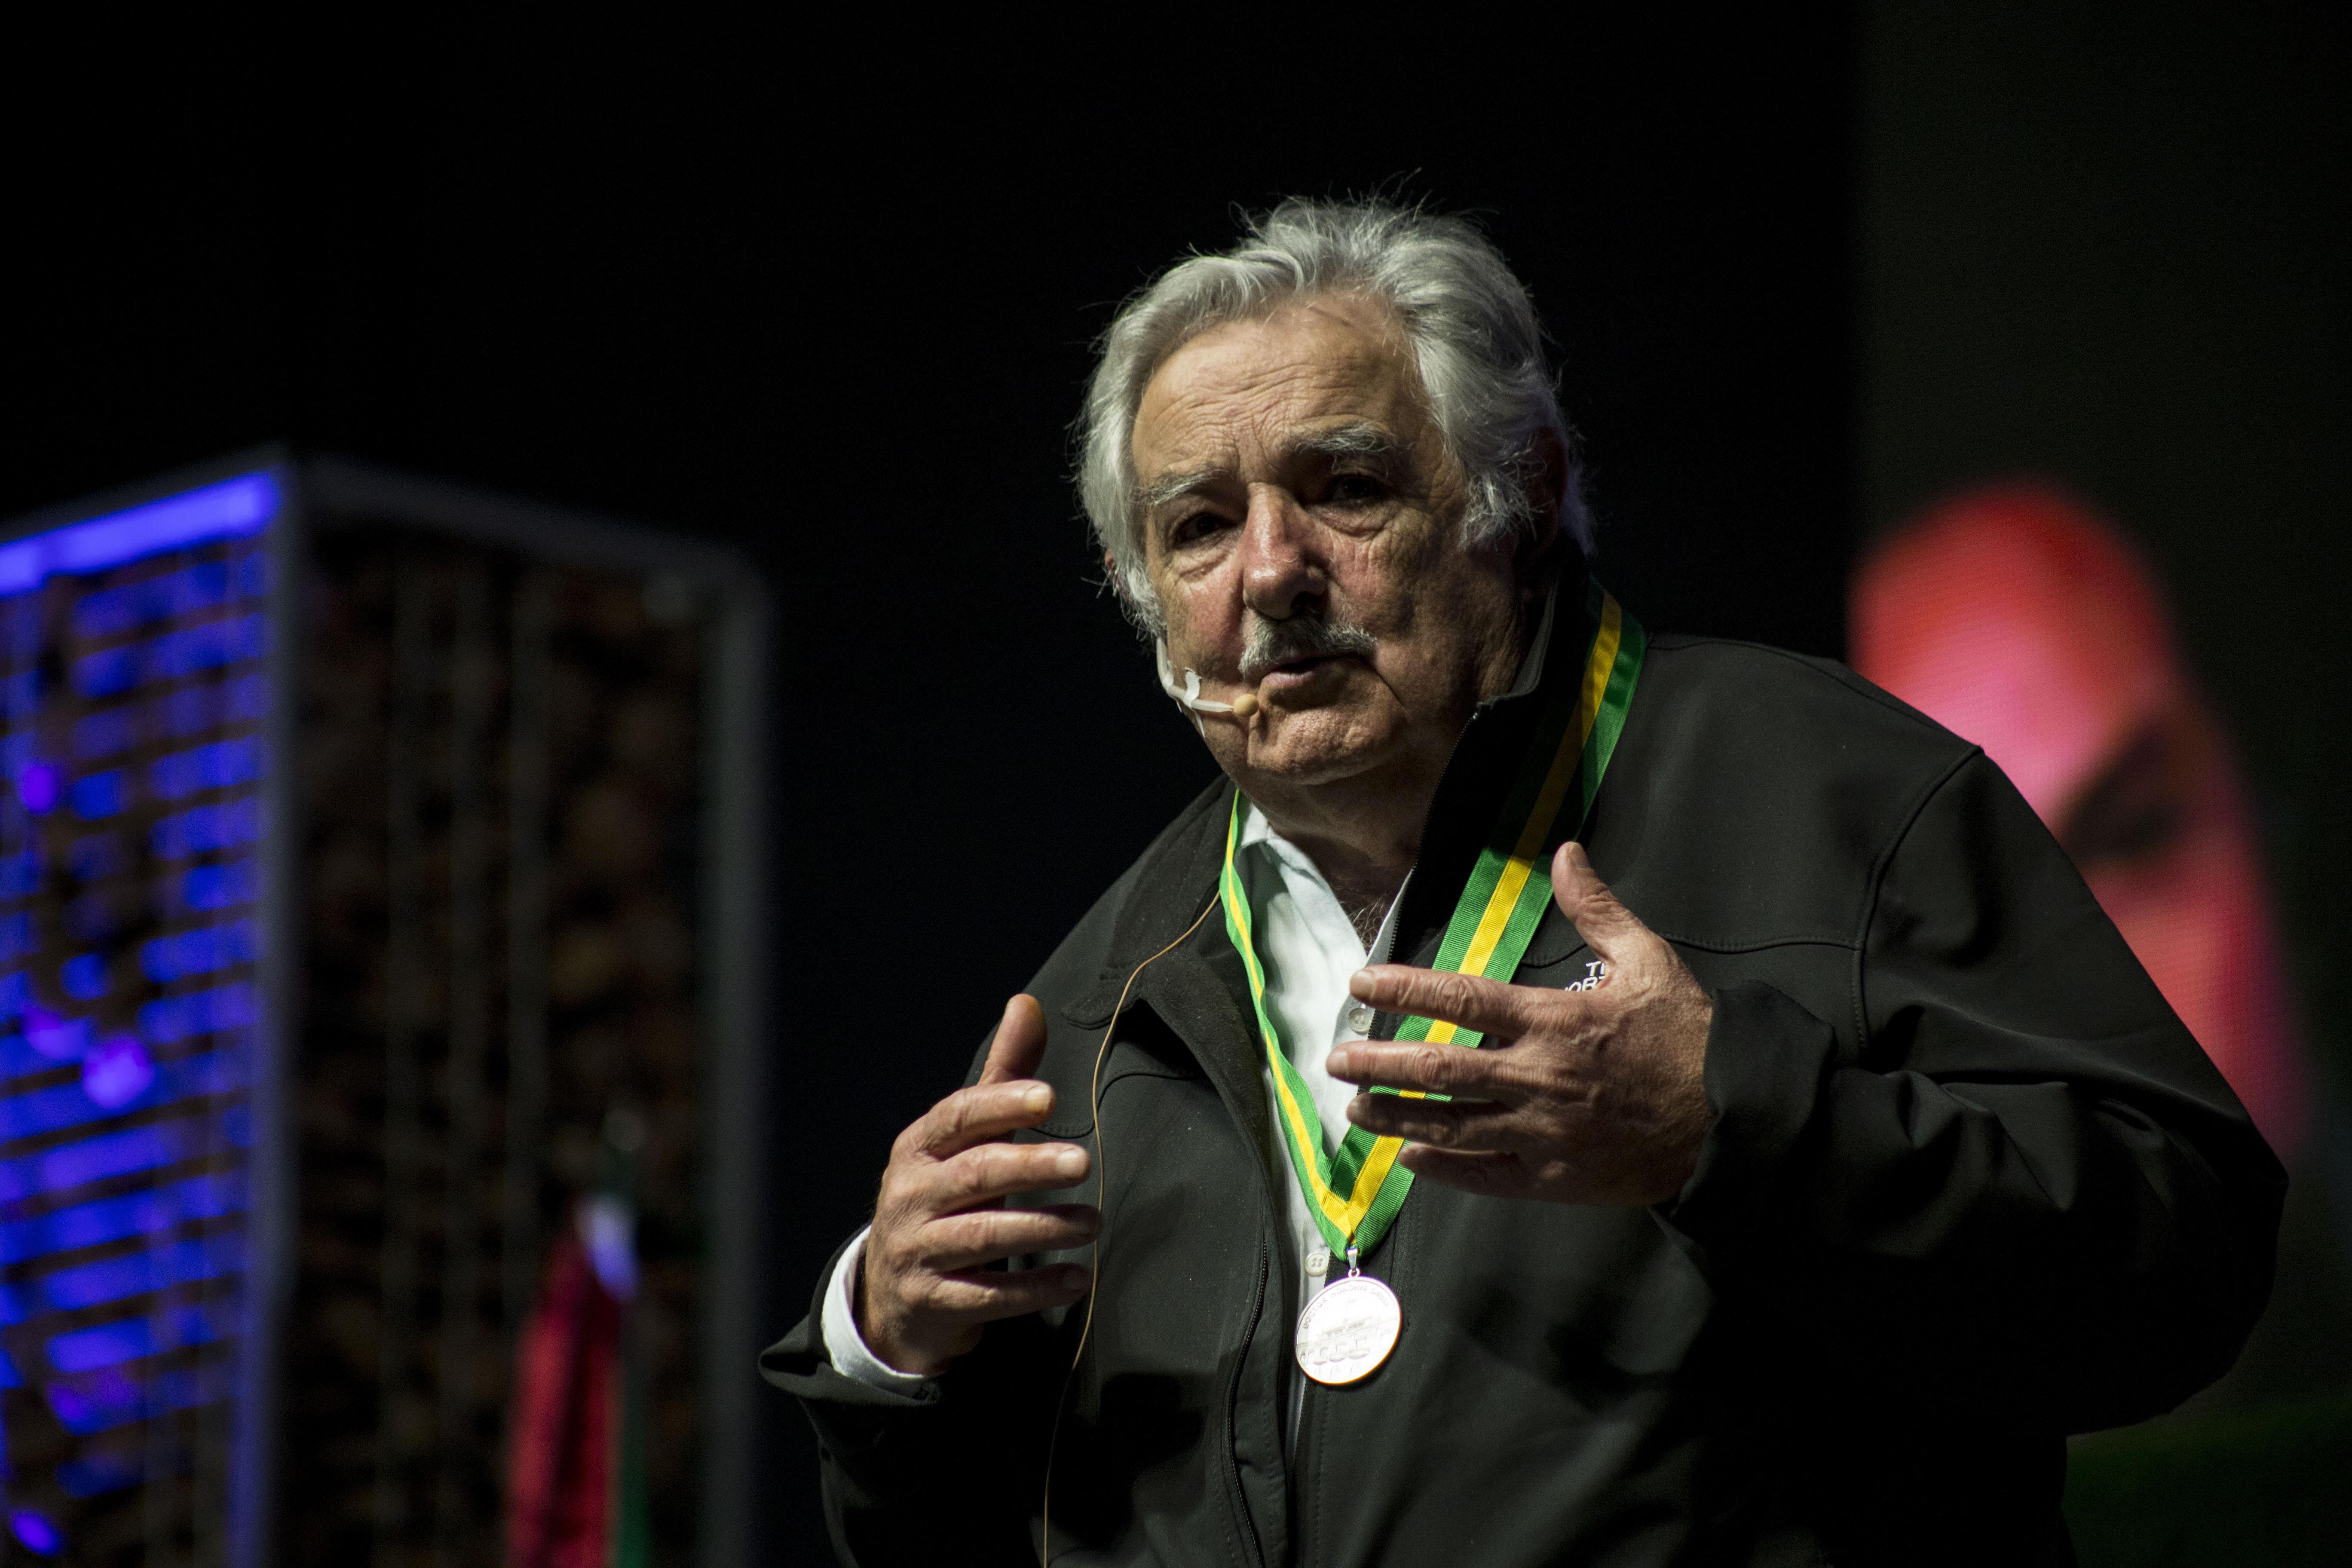 """TIJUANA, BAJA CALIFORNIA 12OCTUBRE2016.- El ex presidente de Uruguay, José """"Pepe"""" Mujica, impartió una conferencia magistral dirigida a estudiantes de la Universidad Autónoma de Baja California (UABC). Juan Manuel Ocegueda Hernández, rector de la universidad, otorgó el nombramiento de Doctor Honoris Causa y se le hizo entrega de un borrego cimarrón, icono de la UABC y una medalla como parte del reconocimiento. FOTO: TERCERO DÍAZ /CUARTOSCURO.COM"""